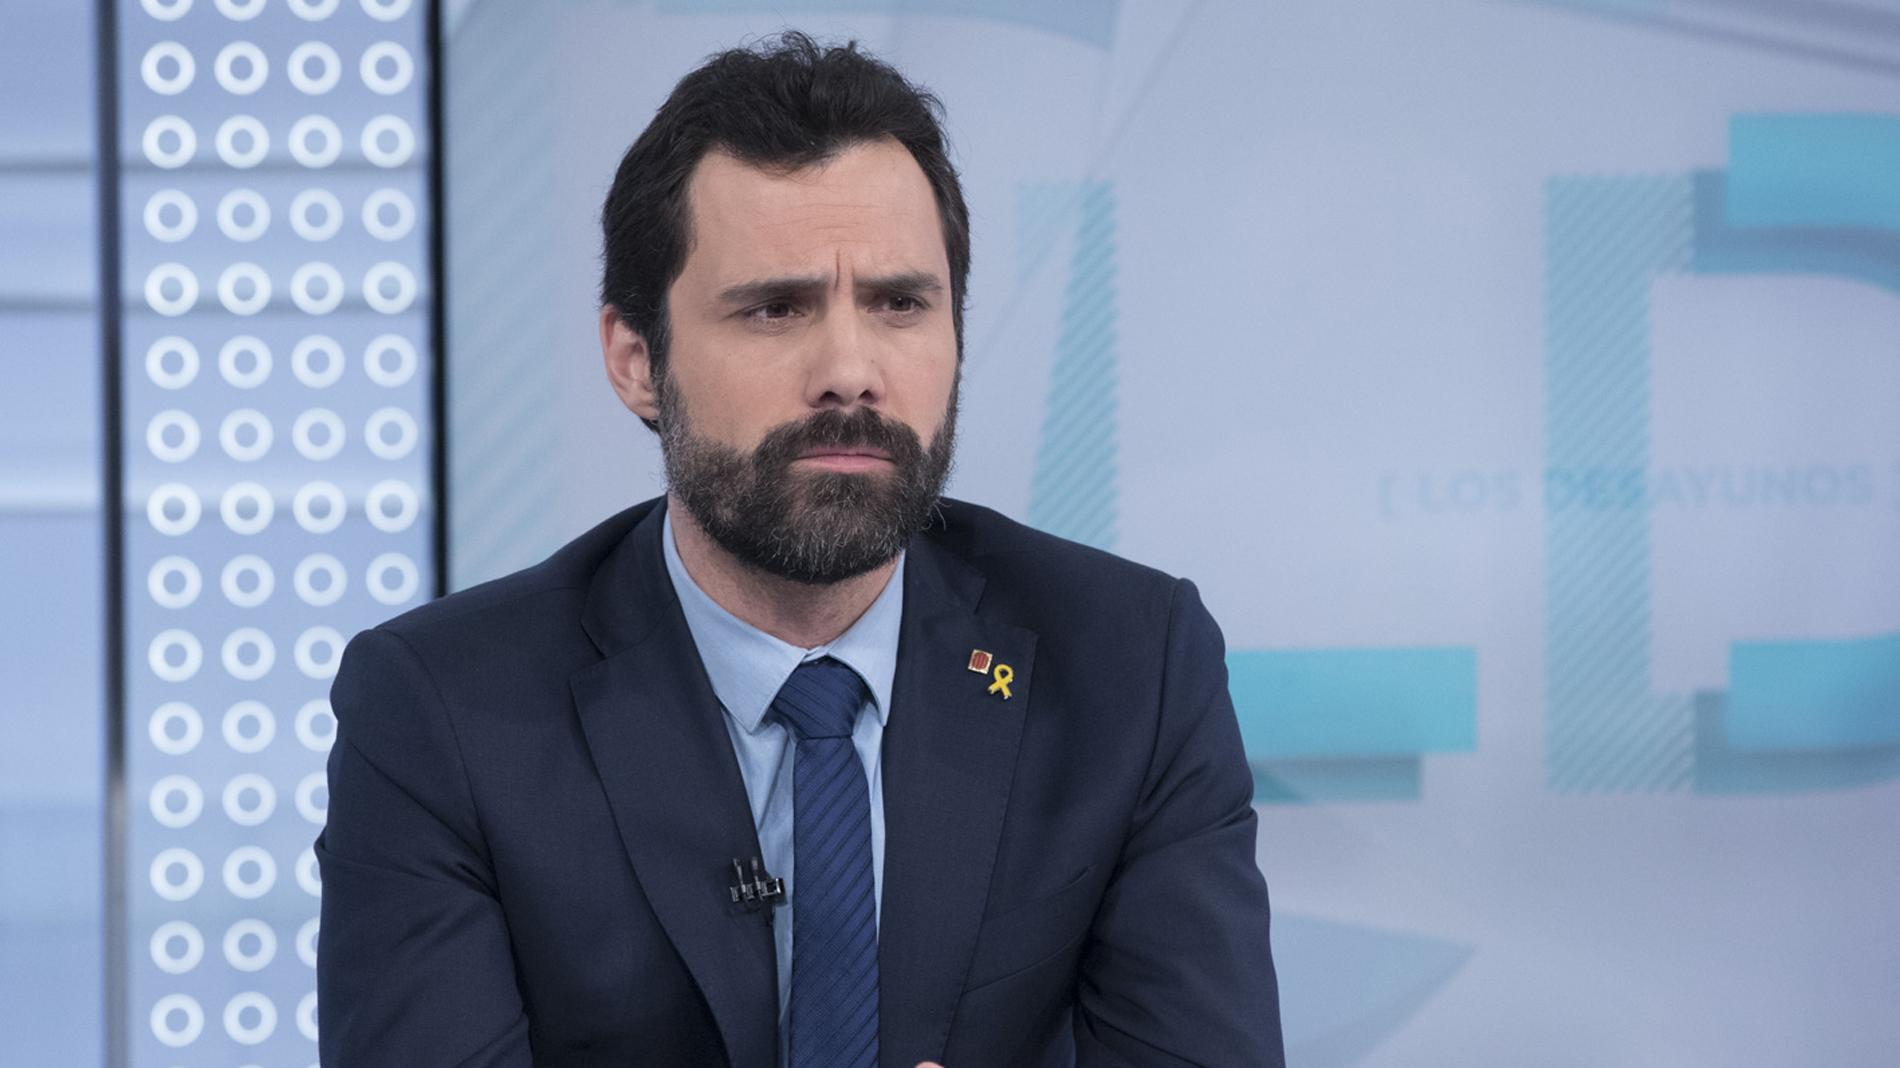 Torrent Le Pedimos A Sanchez Que Haga Politica Y Nuestra Posicion